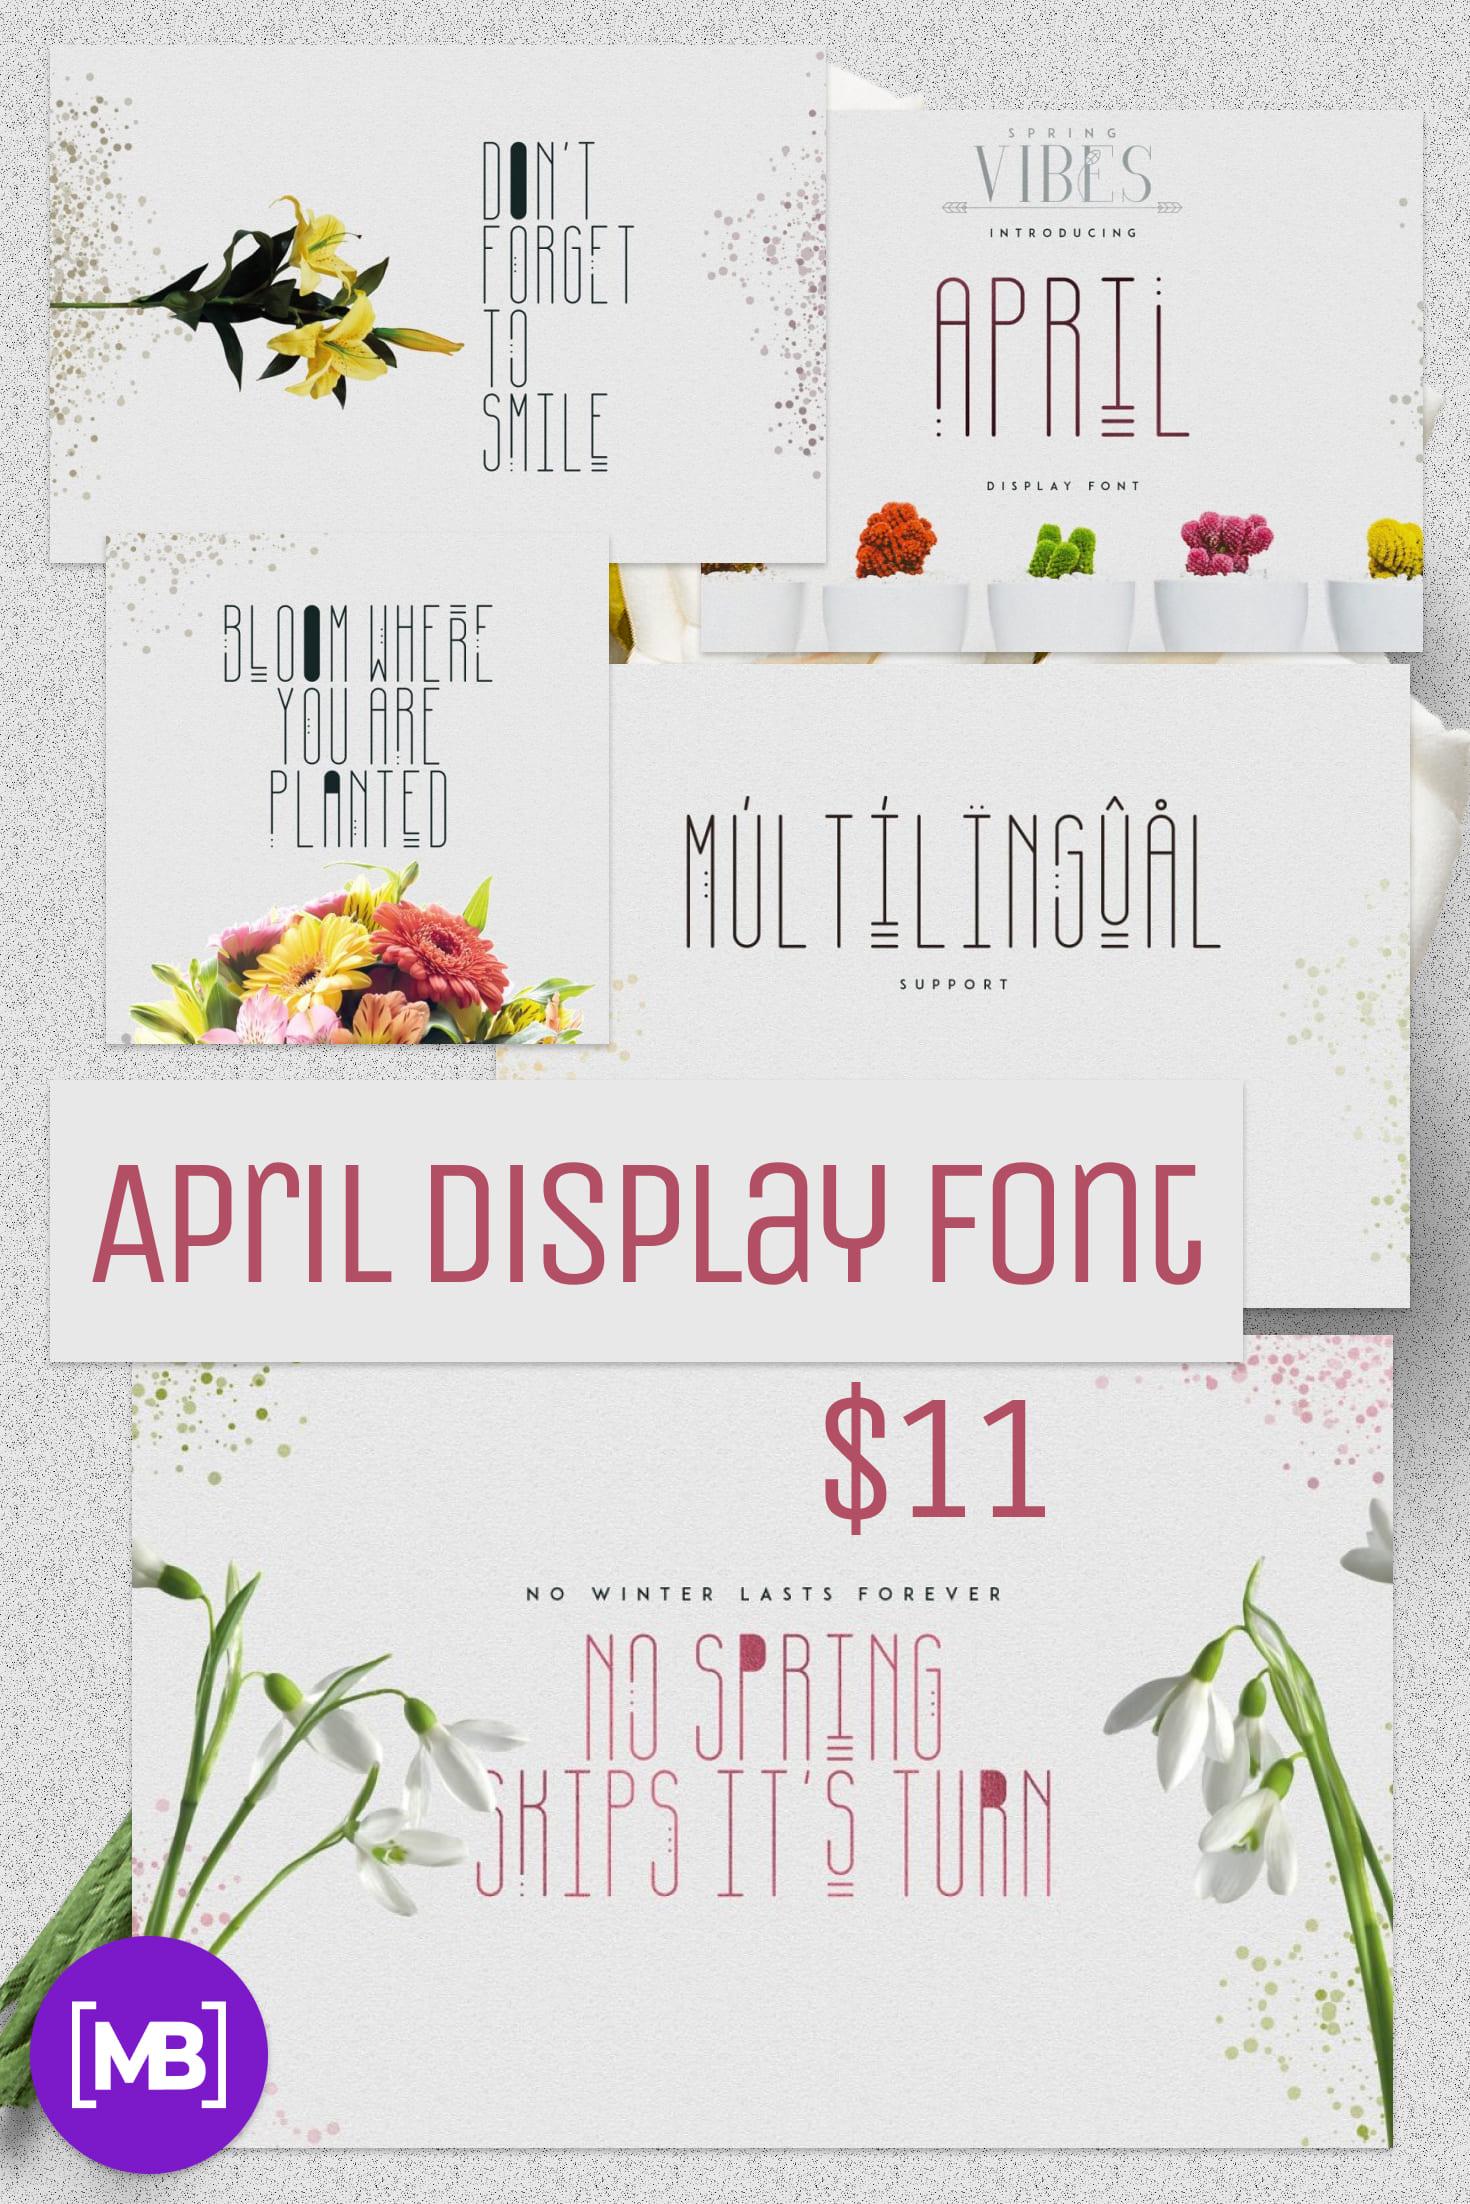 Pinterest Image: April Display Font - $11 ONLY.